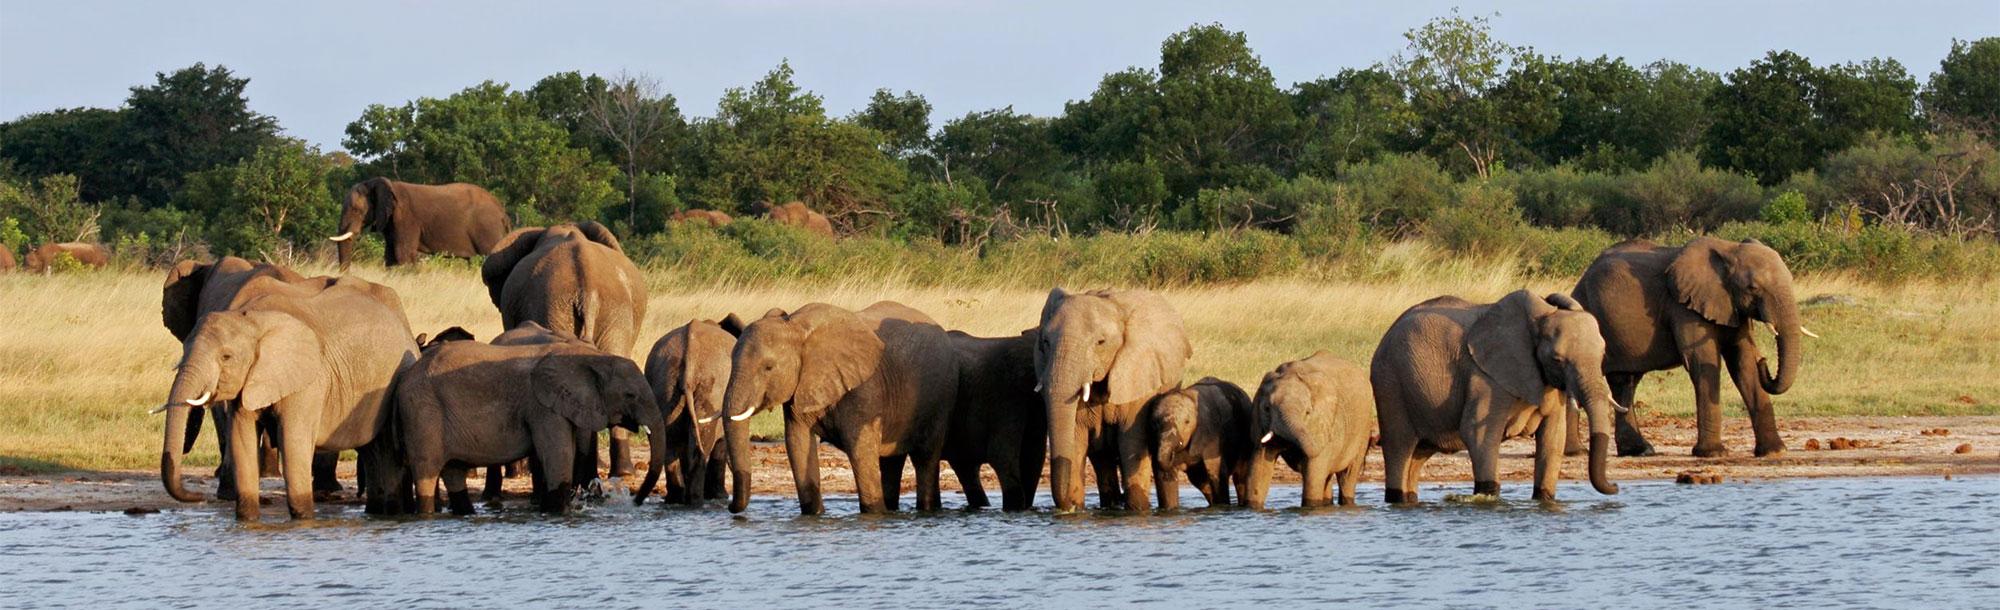 Parc National De Hwange Voyages Sur Mesure En Afrique